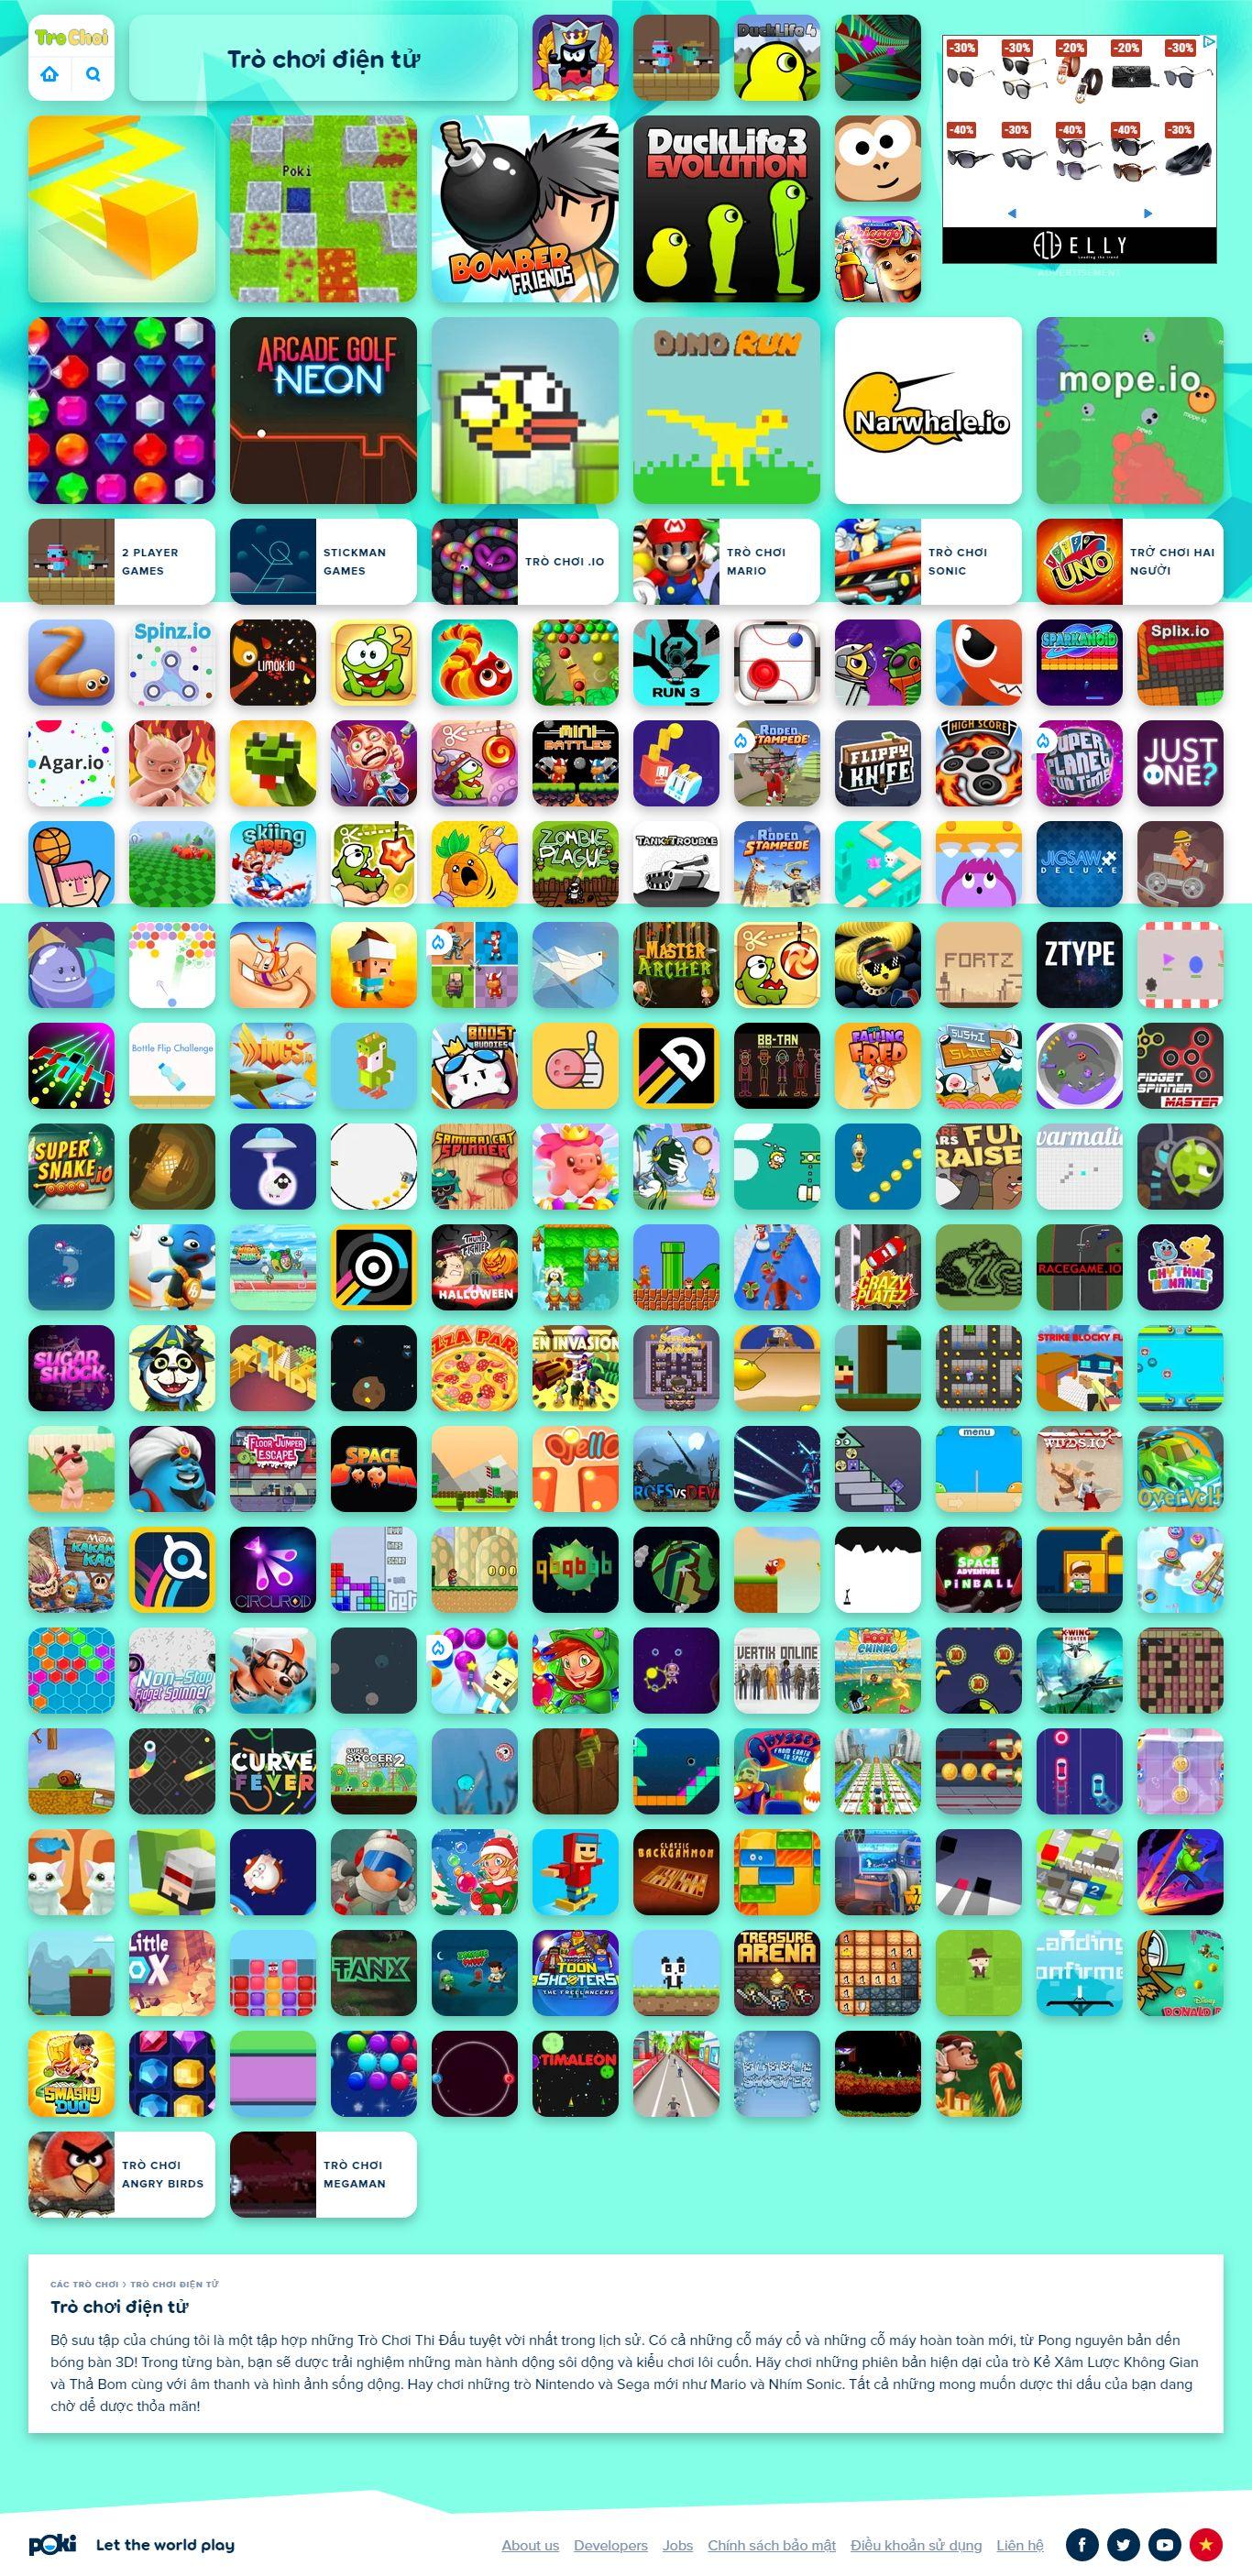 Thiết kế Web giới thiệu game, trò chơi điện tử - www.trochoi.net